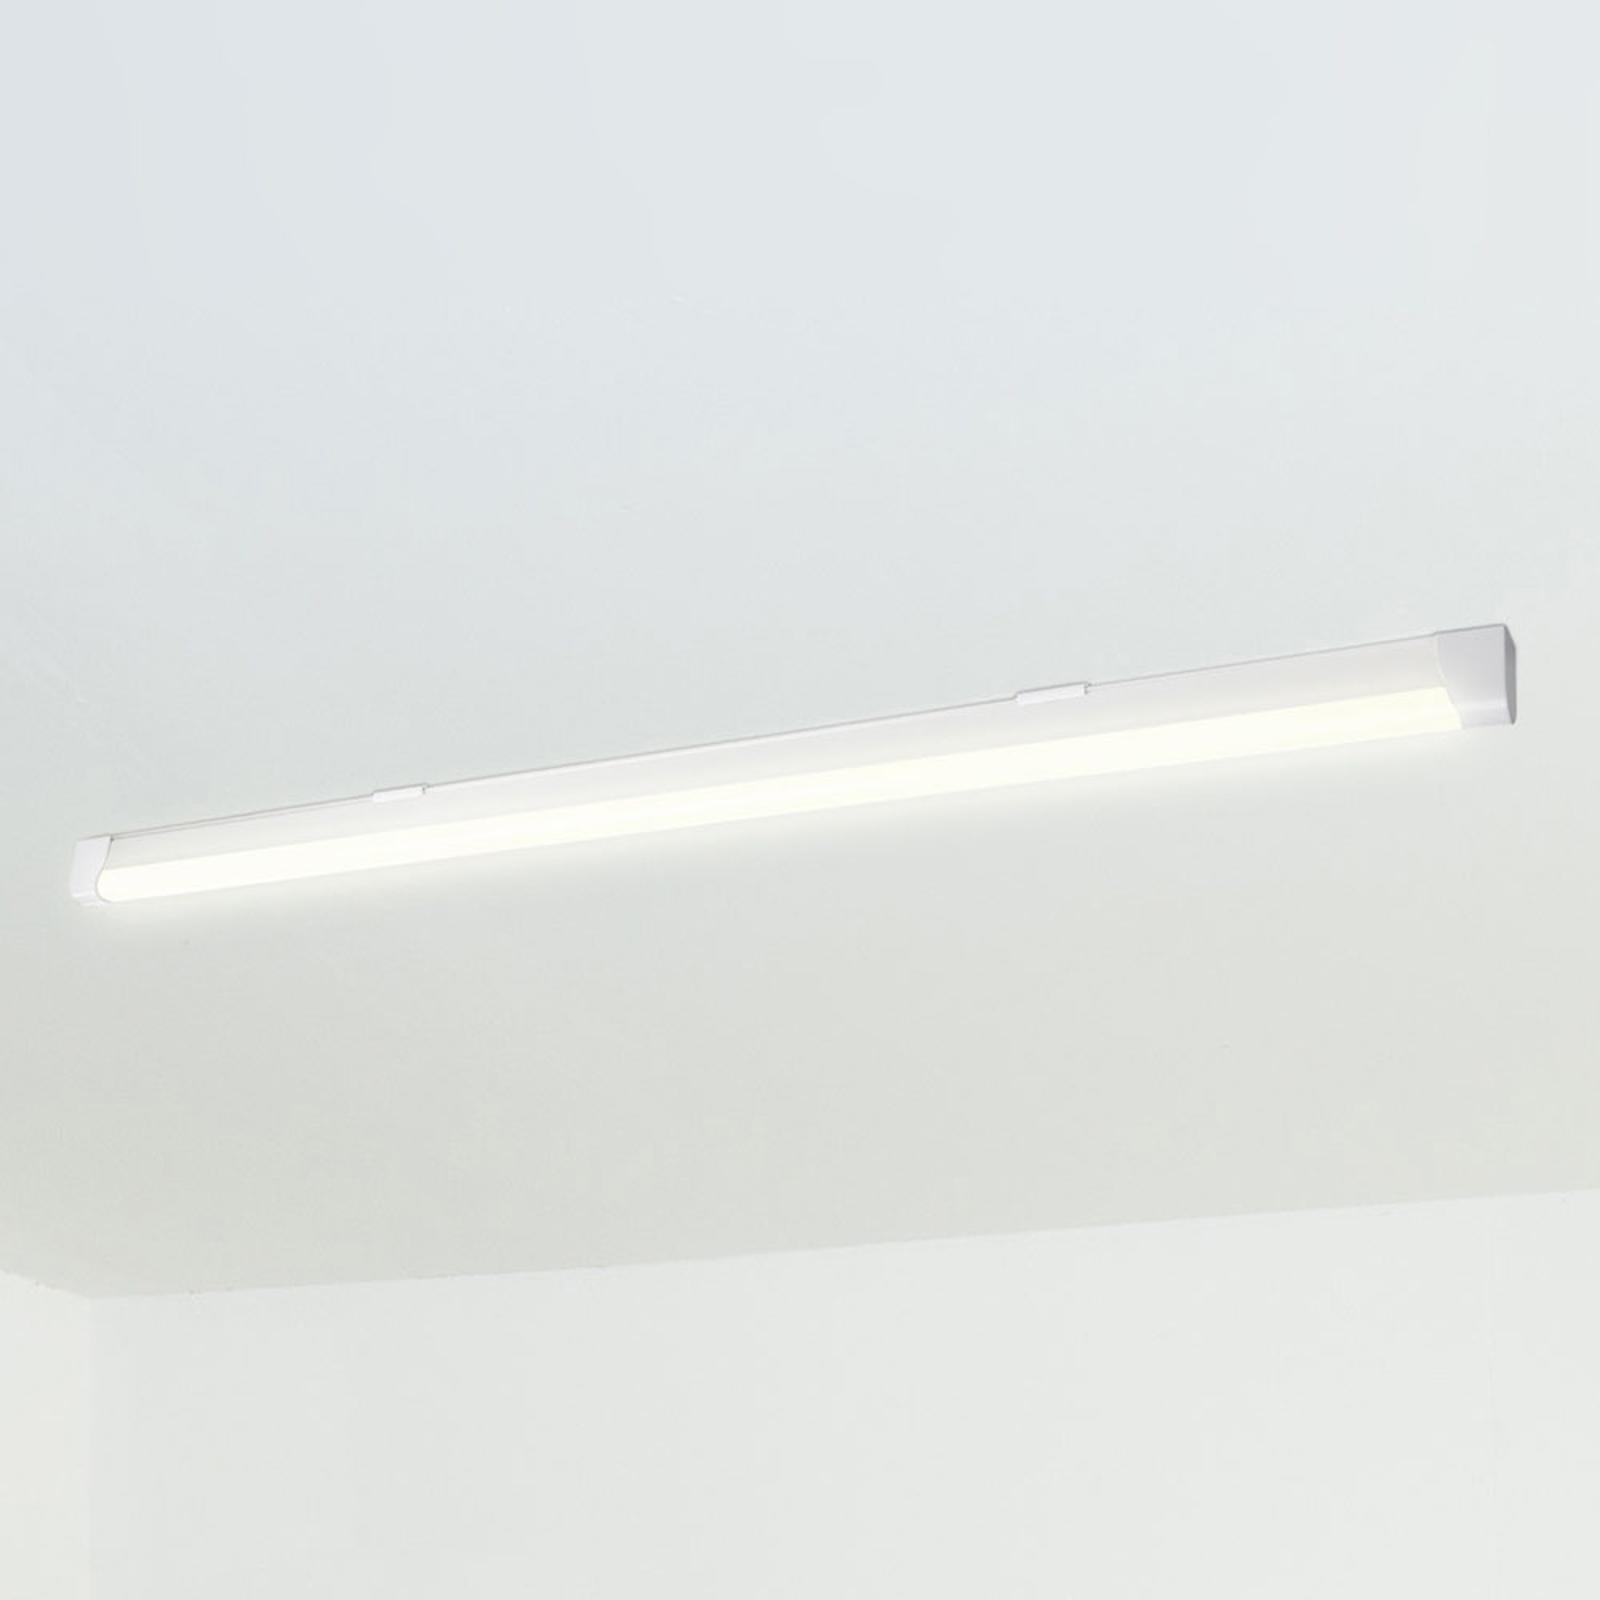 Müller Licht Ecoline 120 LED stropní světlo